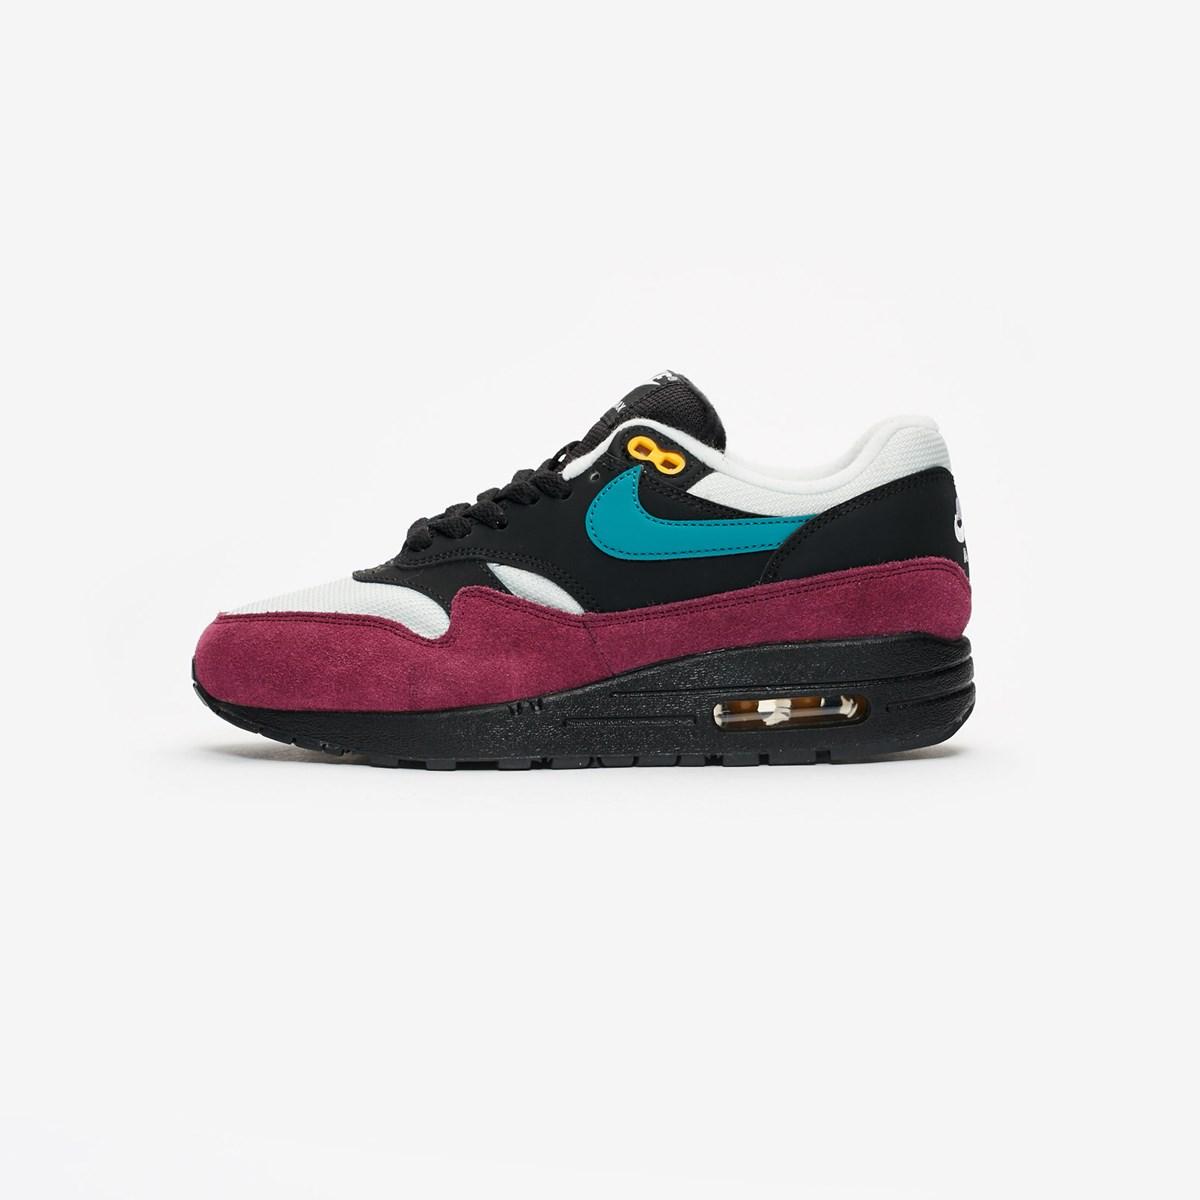 Nike Wmns Air Max 1 319986 040 Sneakersnstuff   sneakers